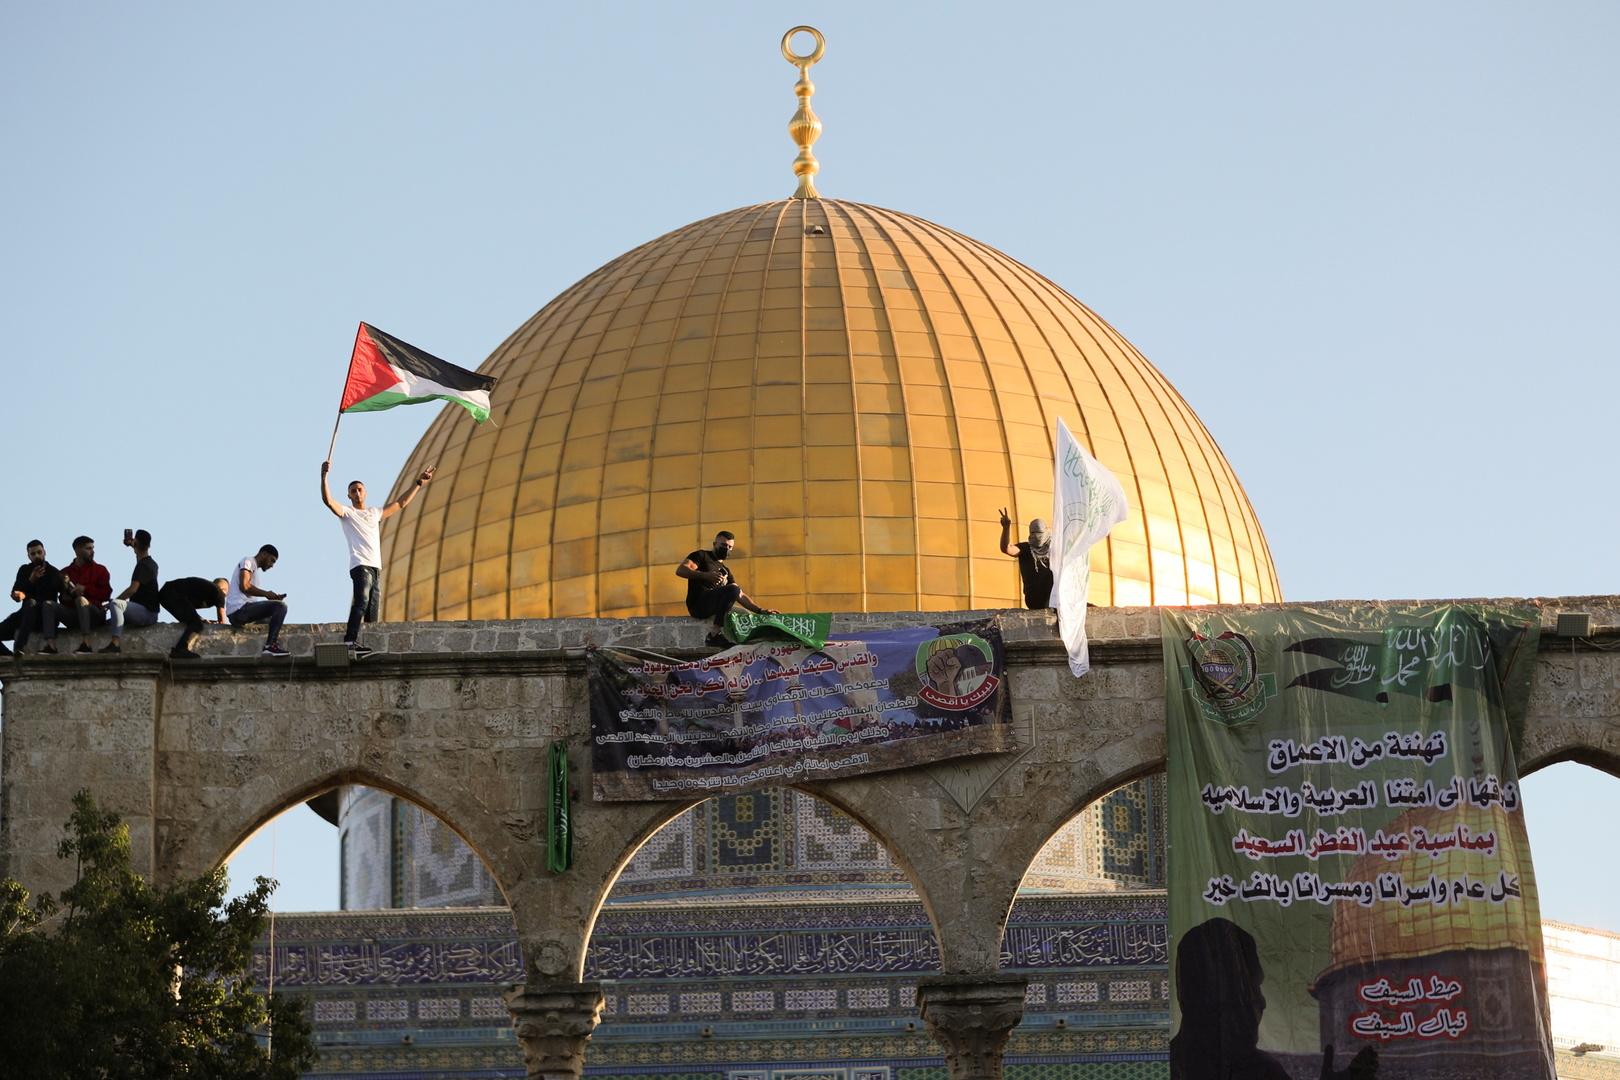 الأردن يوجه رسالة إلى مجلس الأمن بخصوص القدس